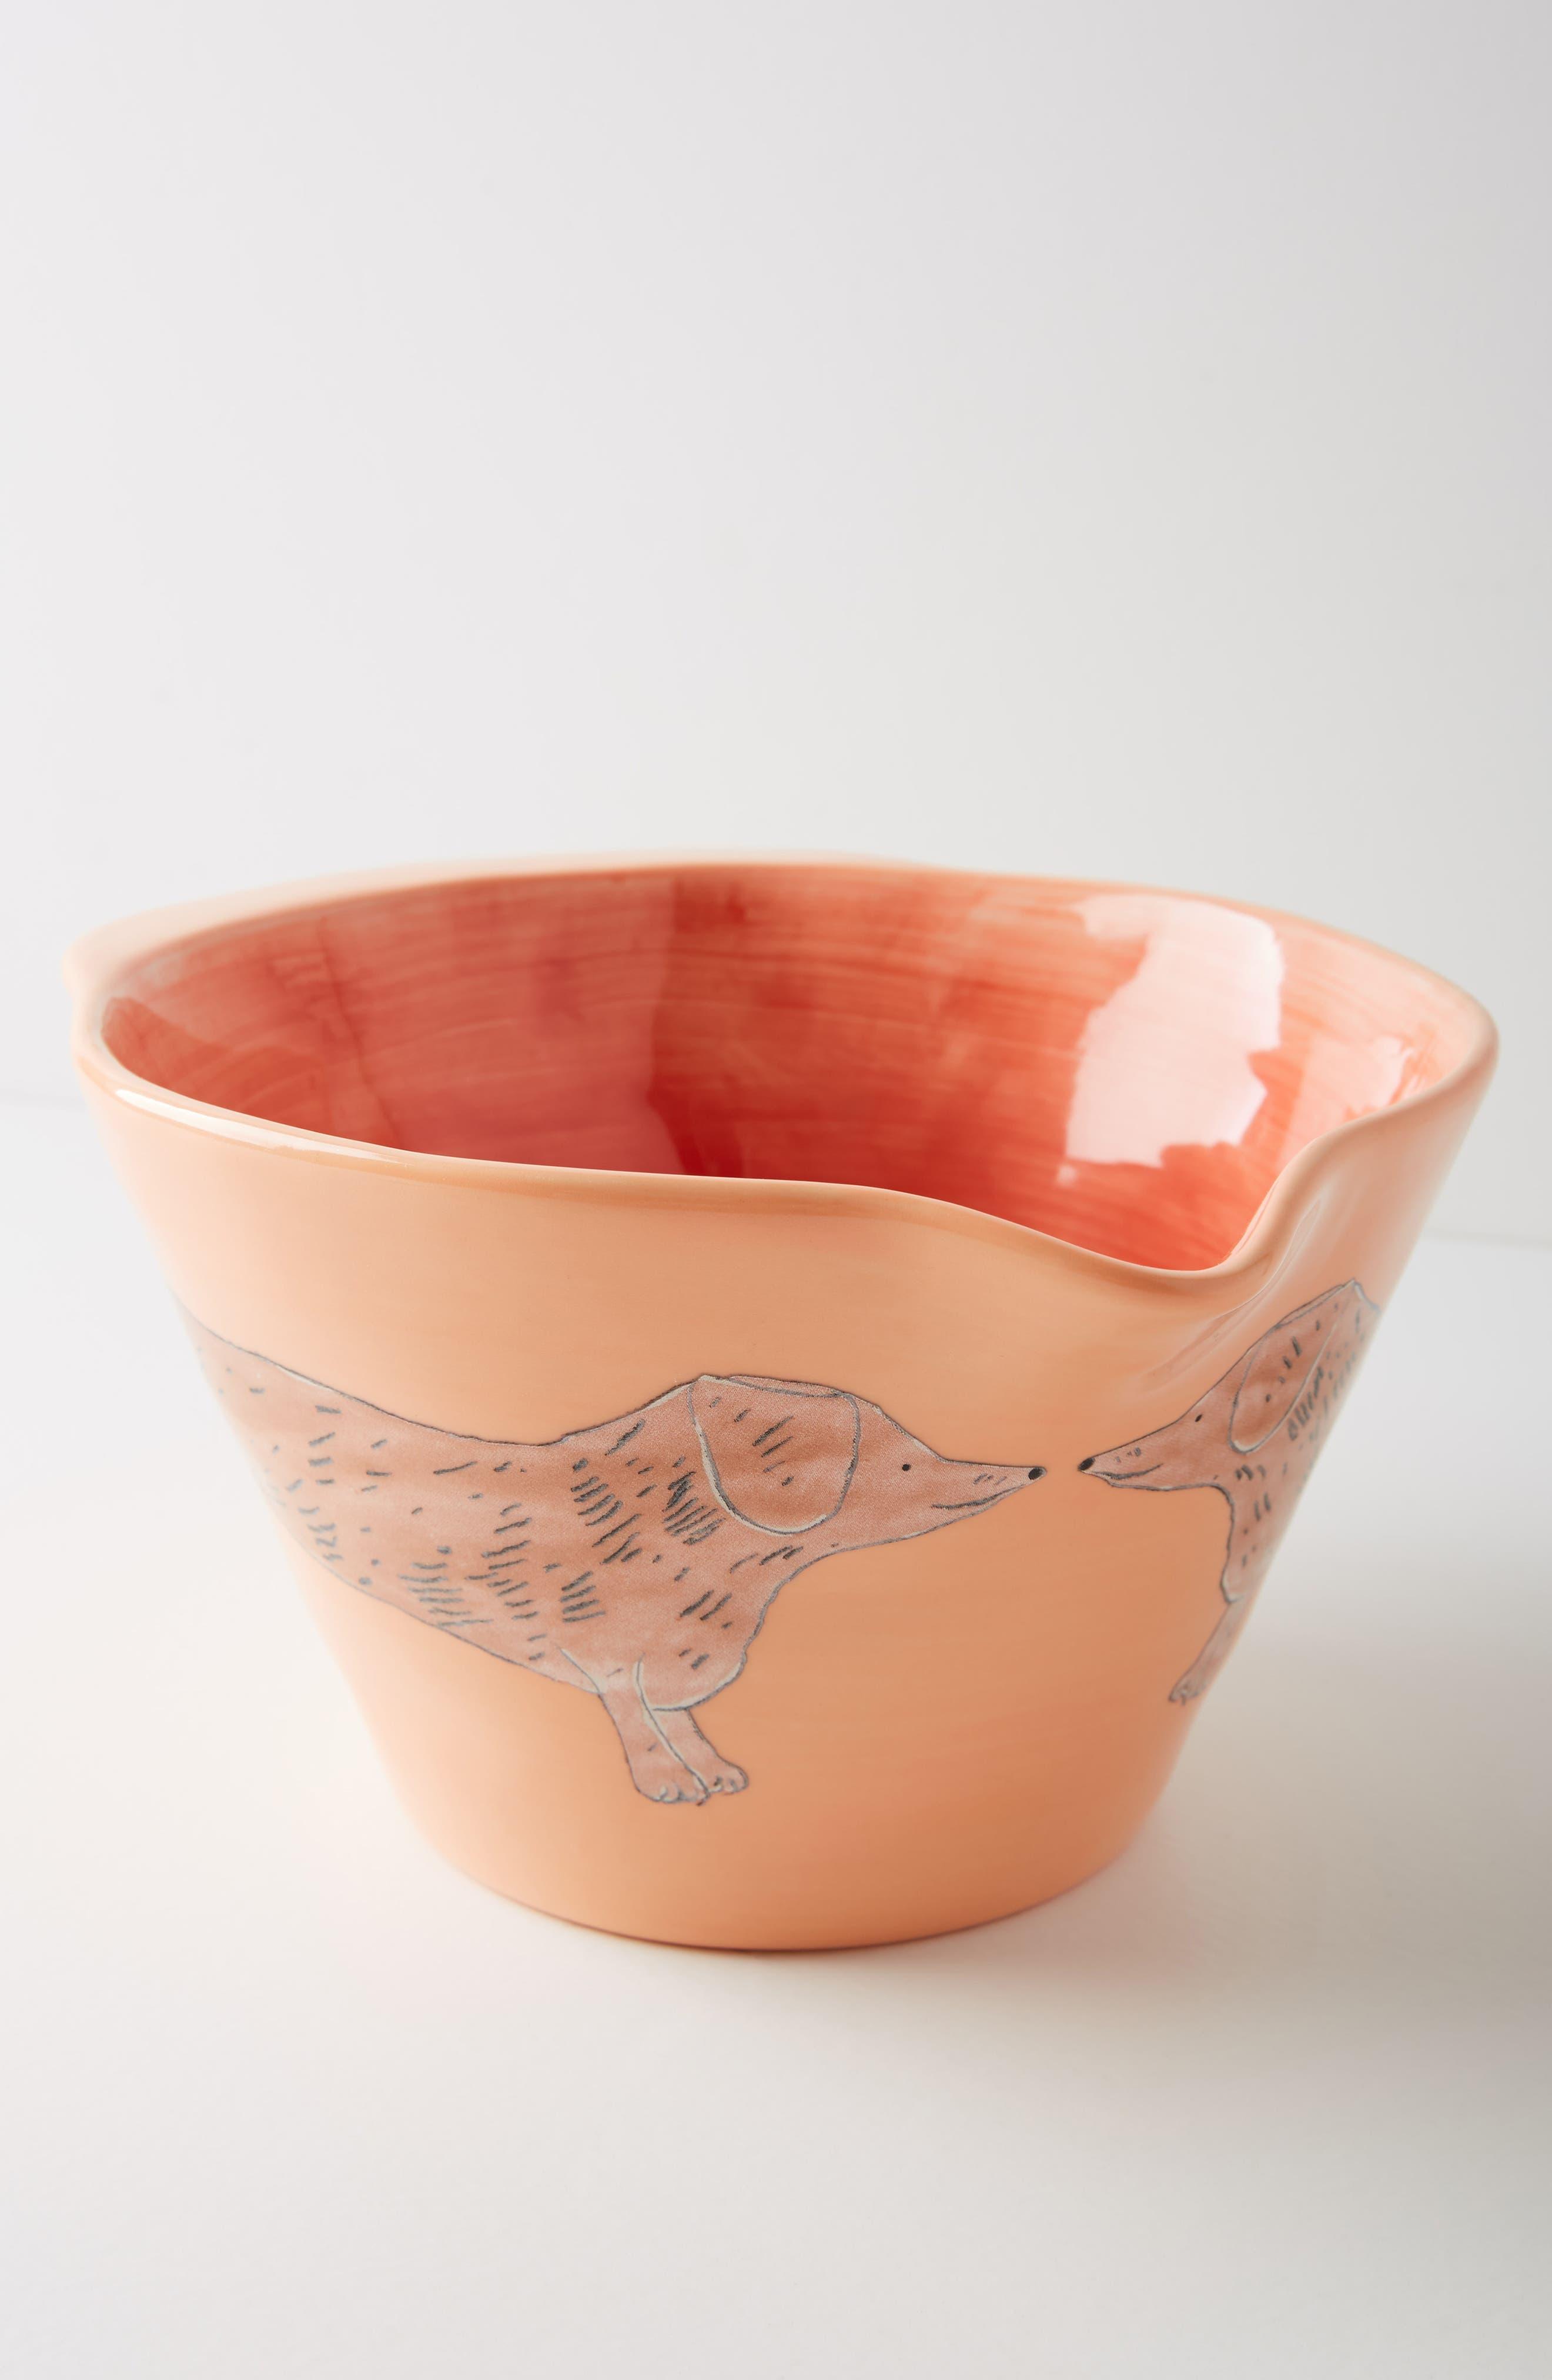 Painted Pup Stoneware Mixing Bowl,                             Main thumbnail 1, color,                             Coral